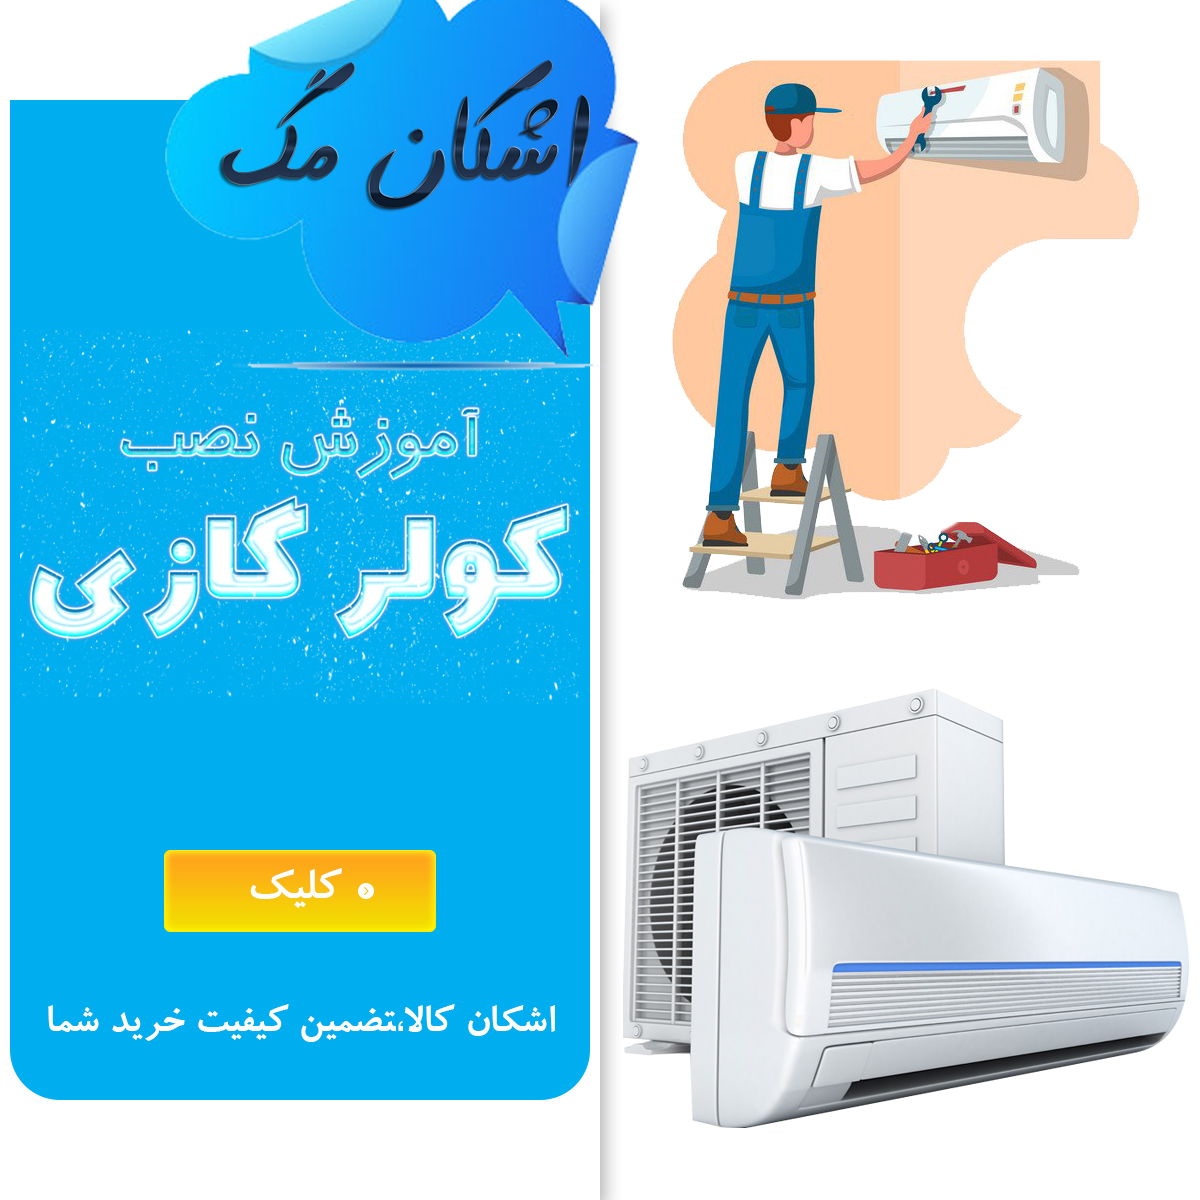 آموزش نصب کولر گازی